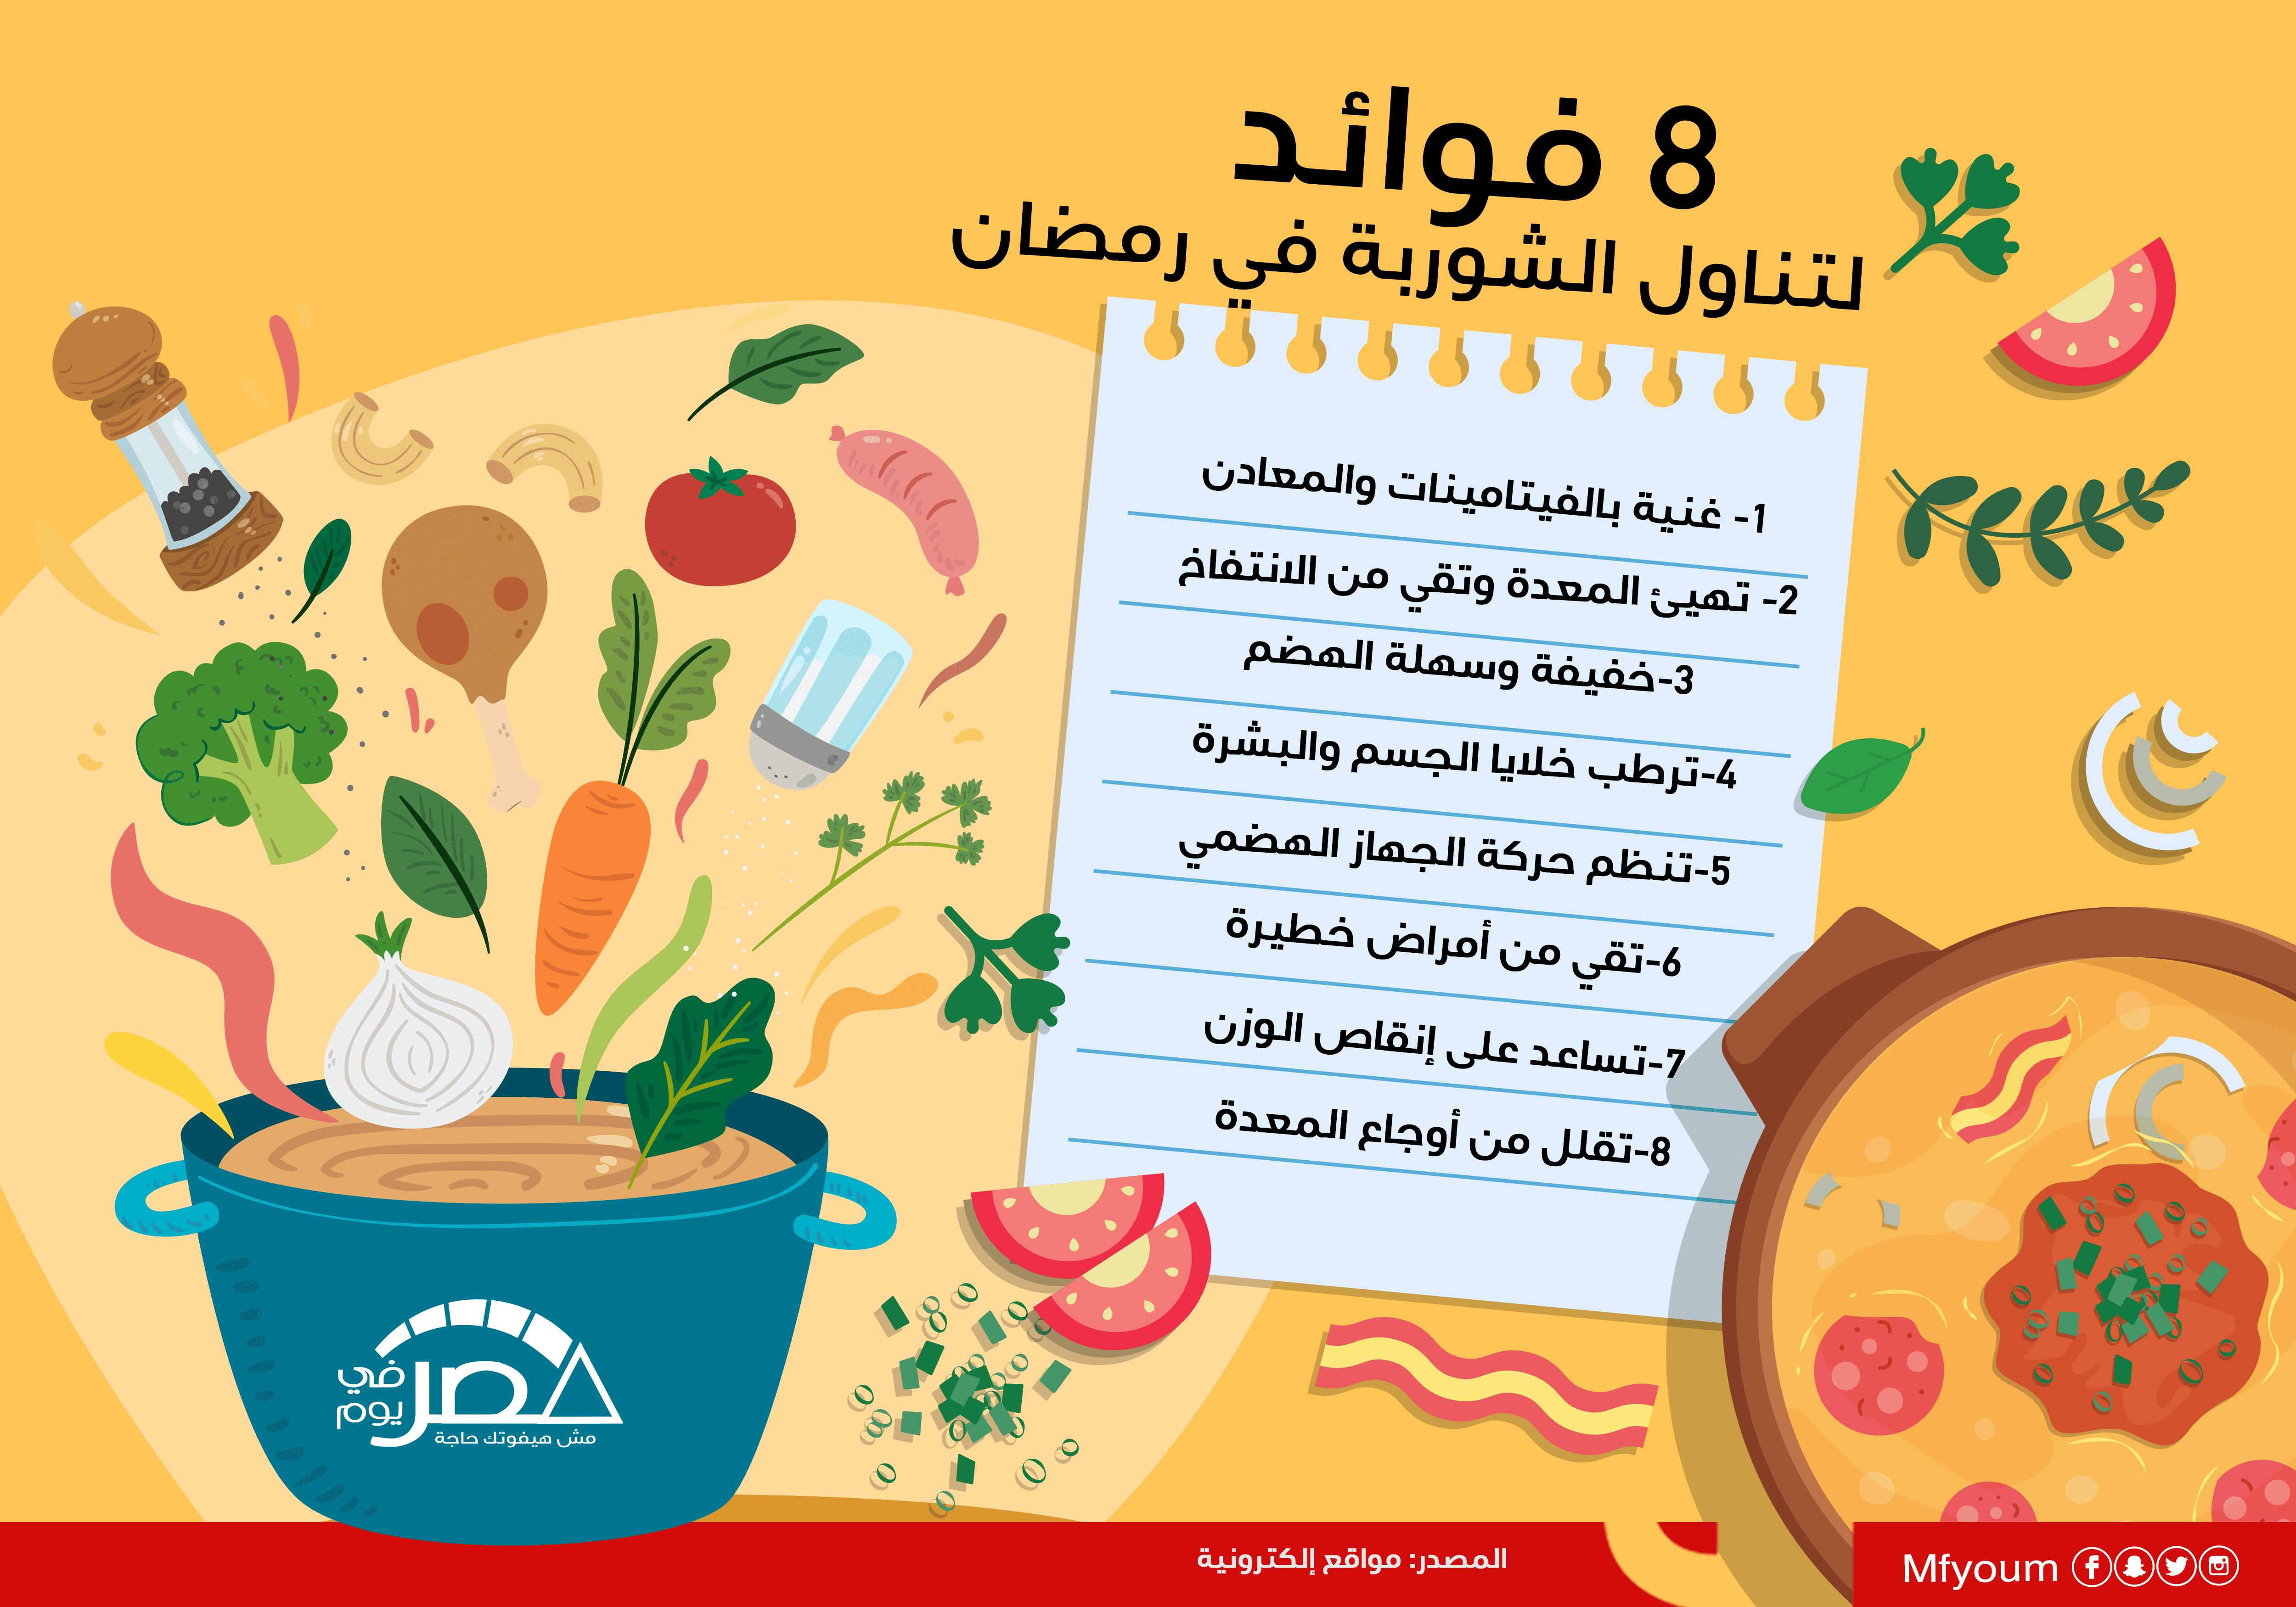 8 فوائد لتناول الشوربة في رمضان إنفوجراف مصر في يوم